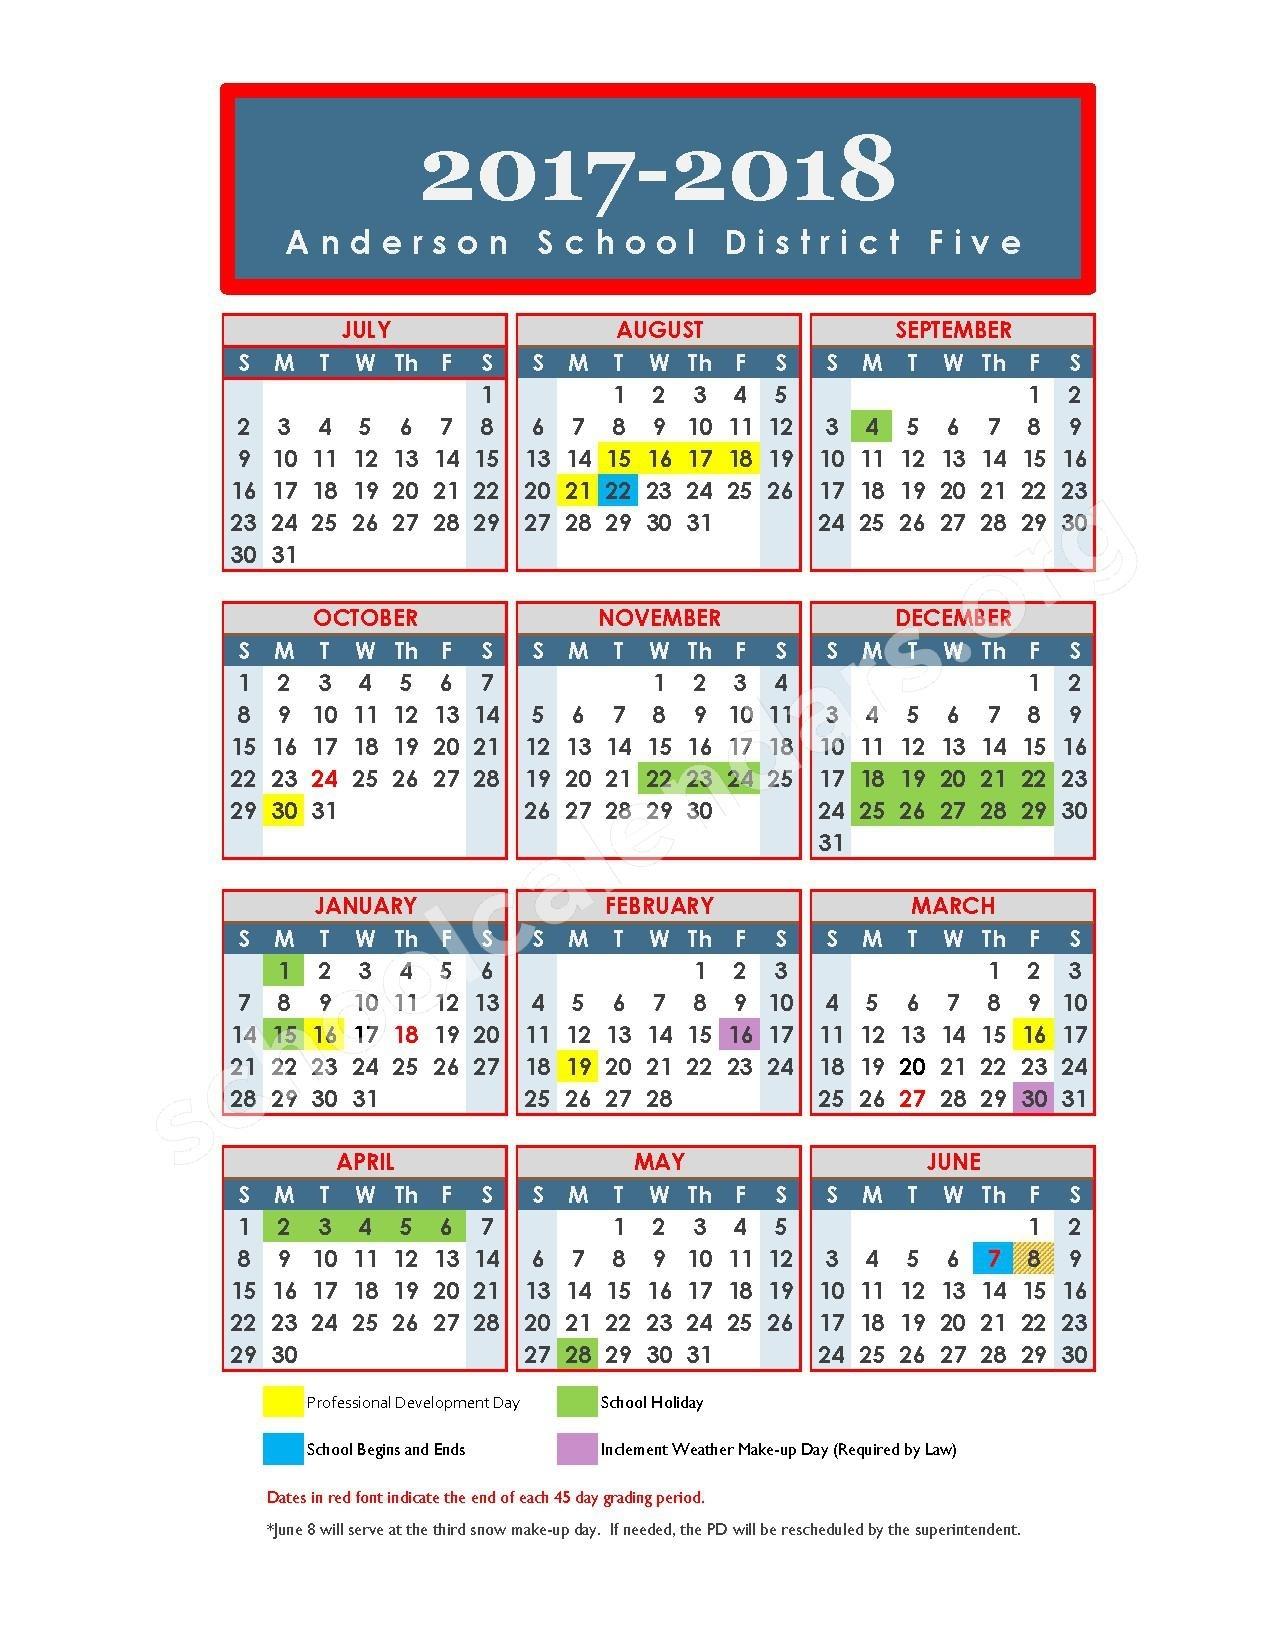 Anderson School District 5 Calendars – Anderson, Sc_Anderson 5 School Calendar